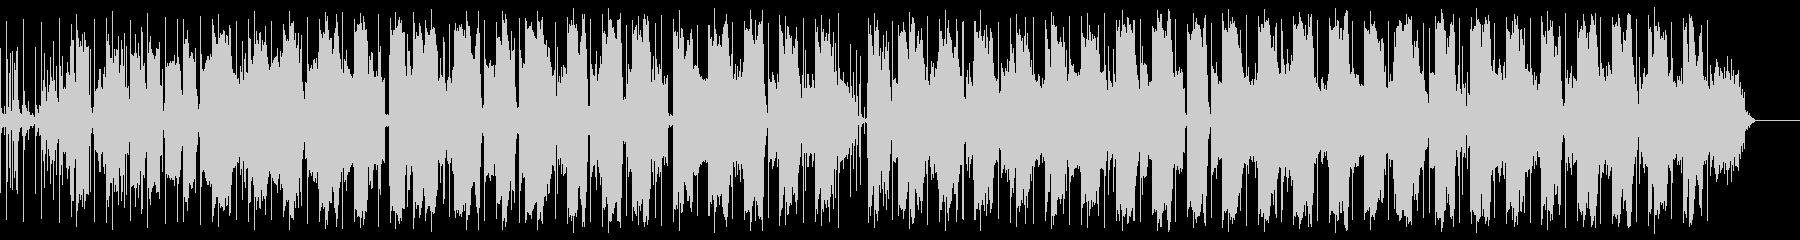 抽象的な音をコラージュした映像音楽の未再生の波形